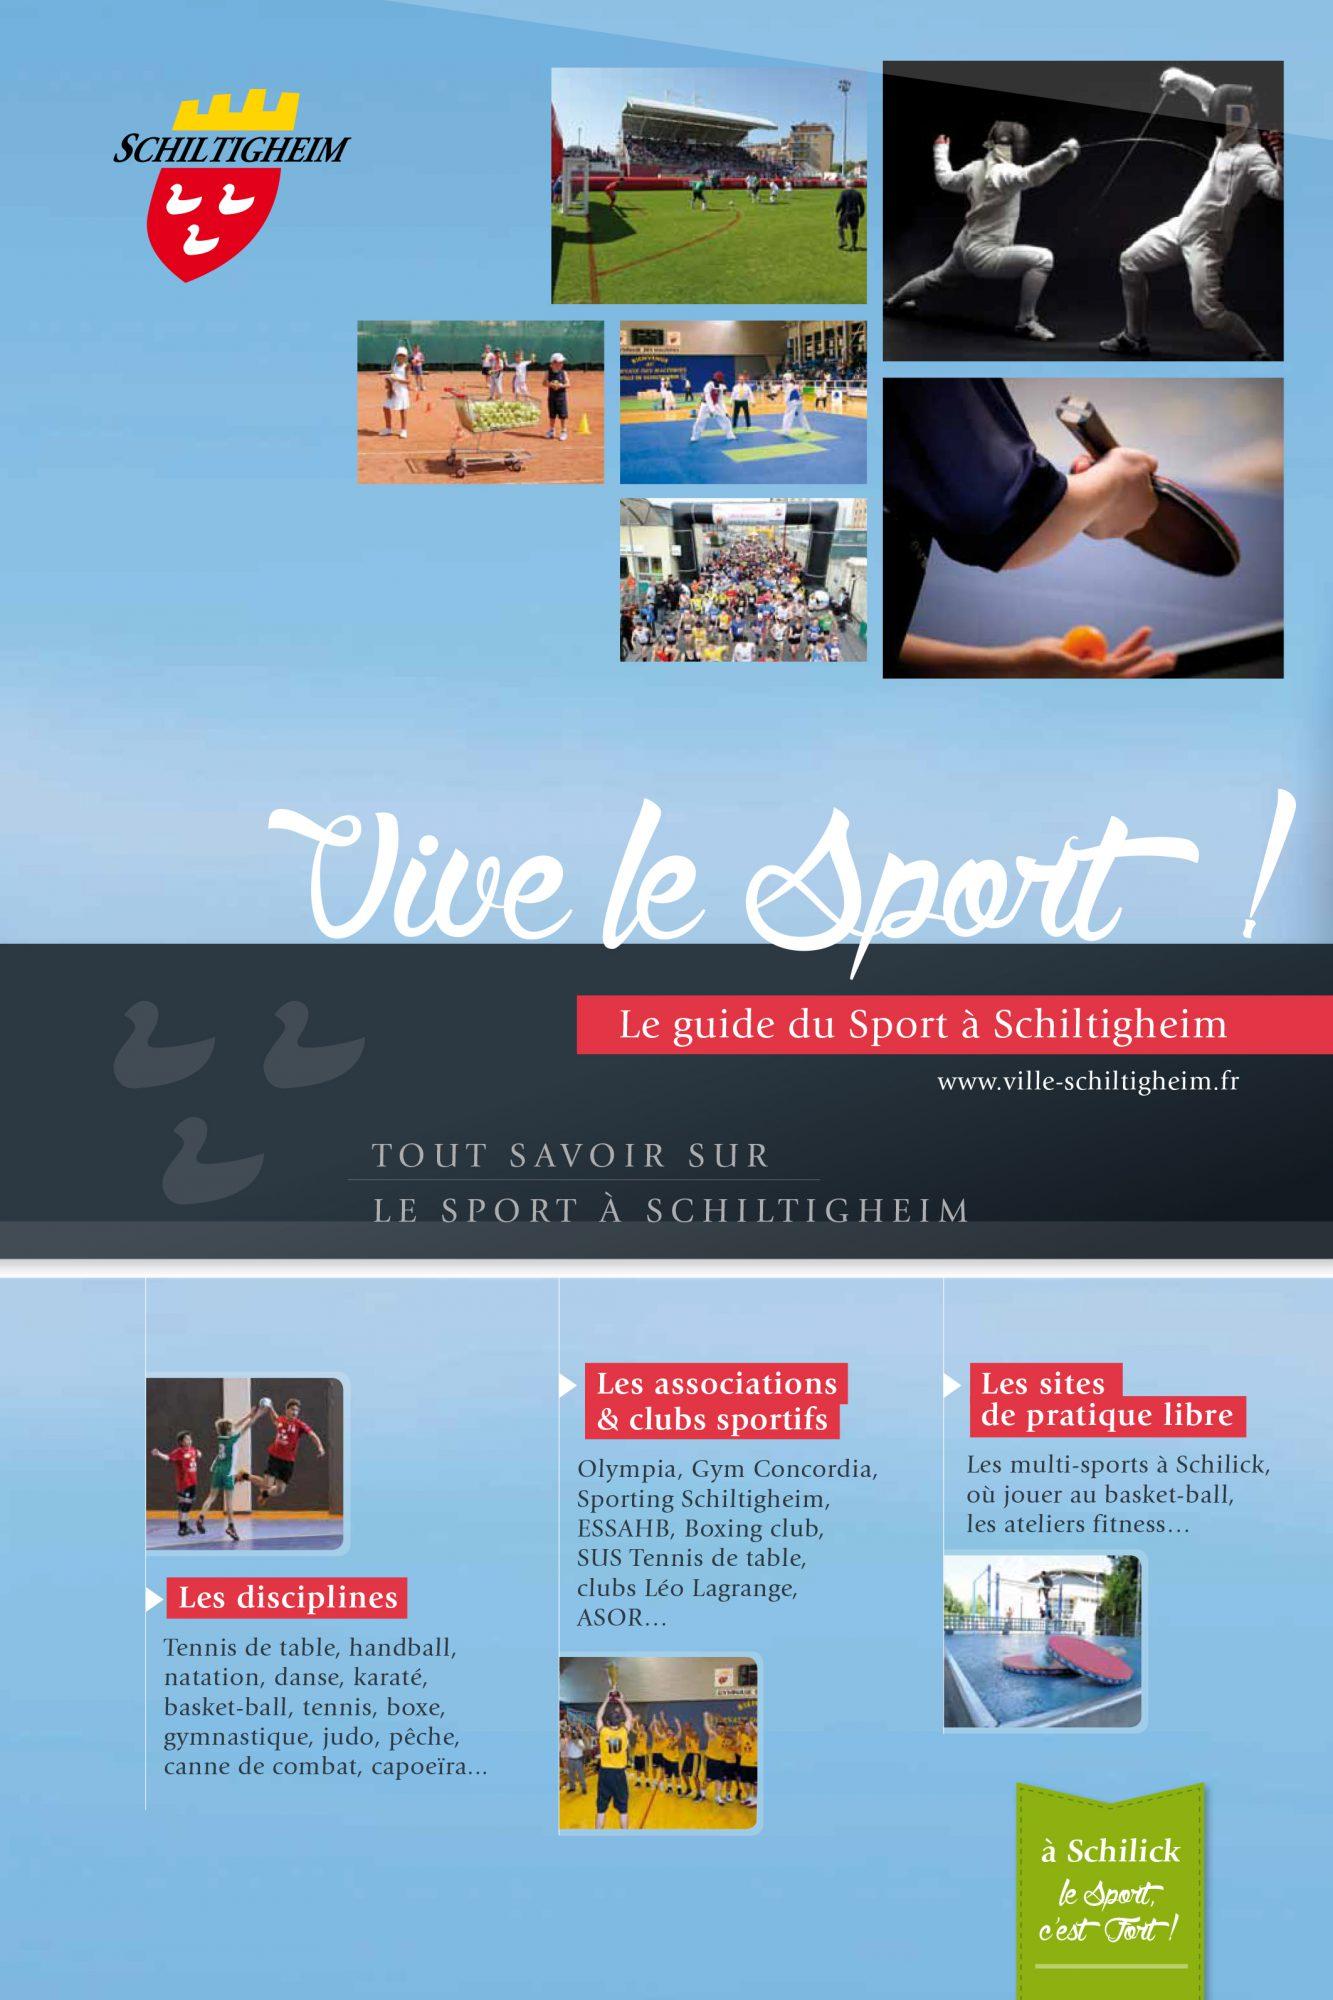 Une Guide du sport 2016